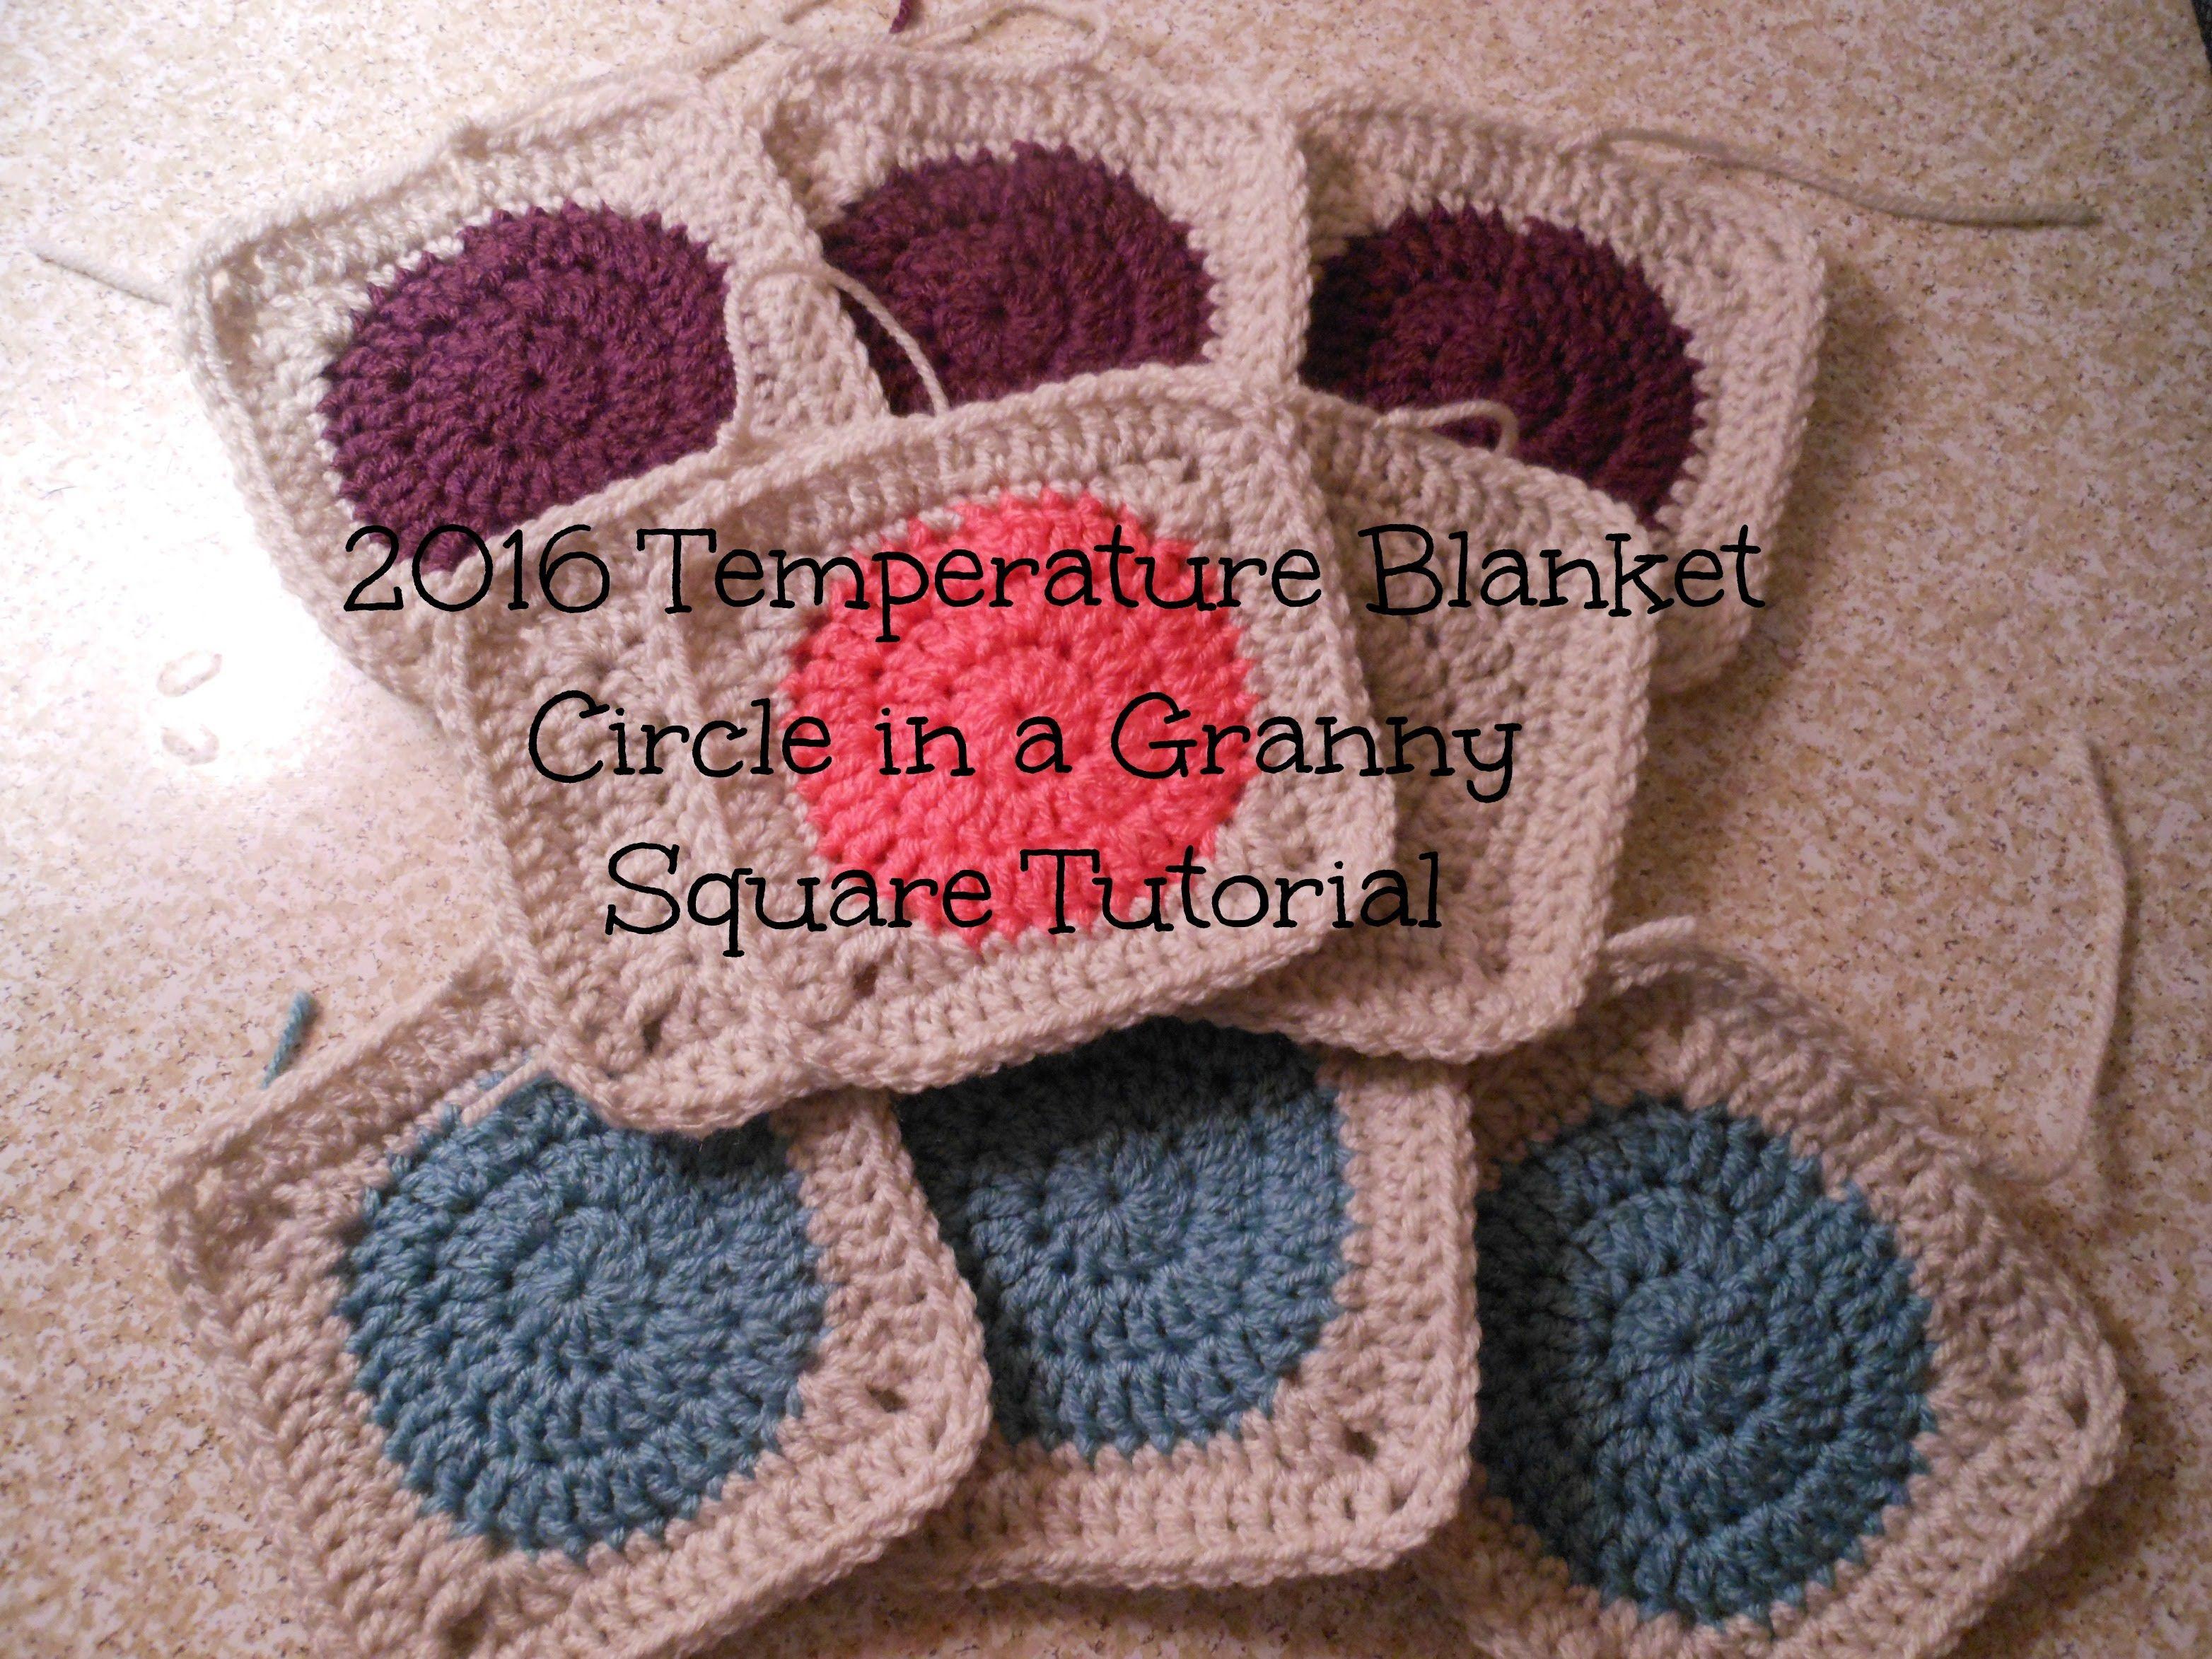 2016 Temperature Blanket Granny Square Tutorial | Allison Rae ...